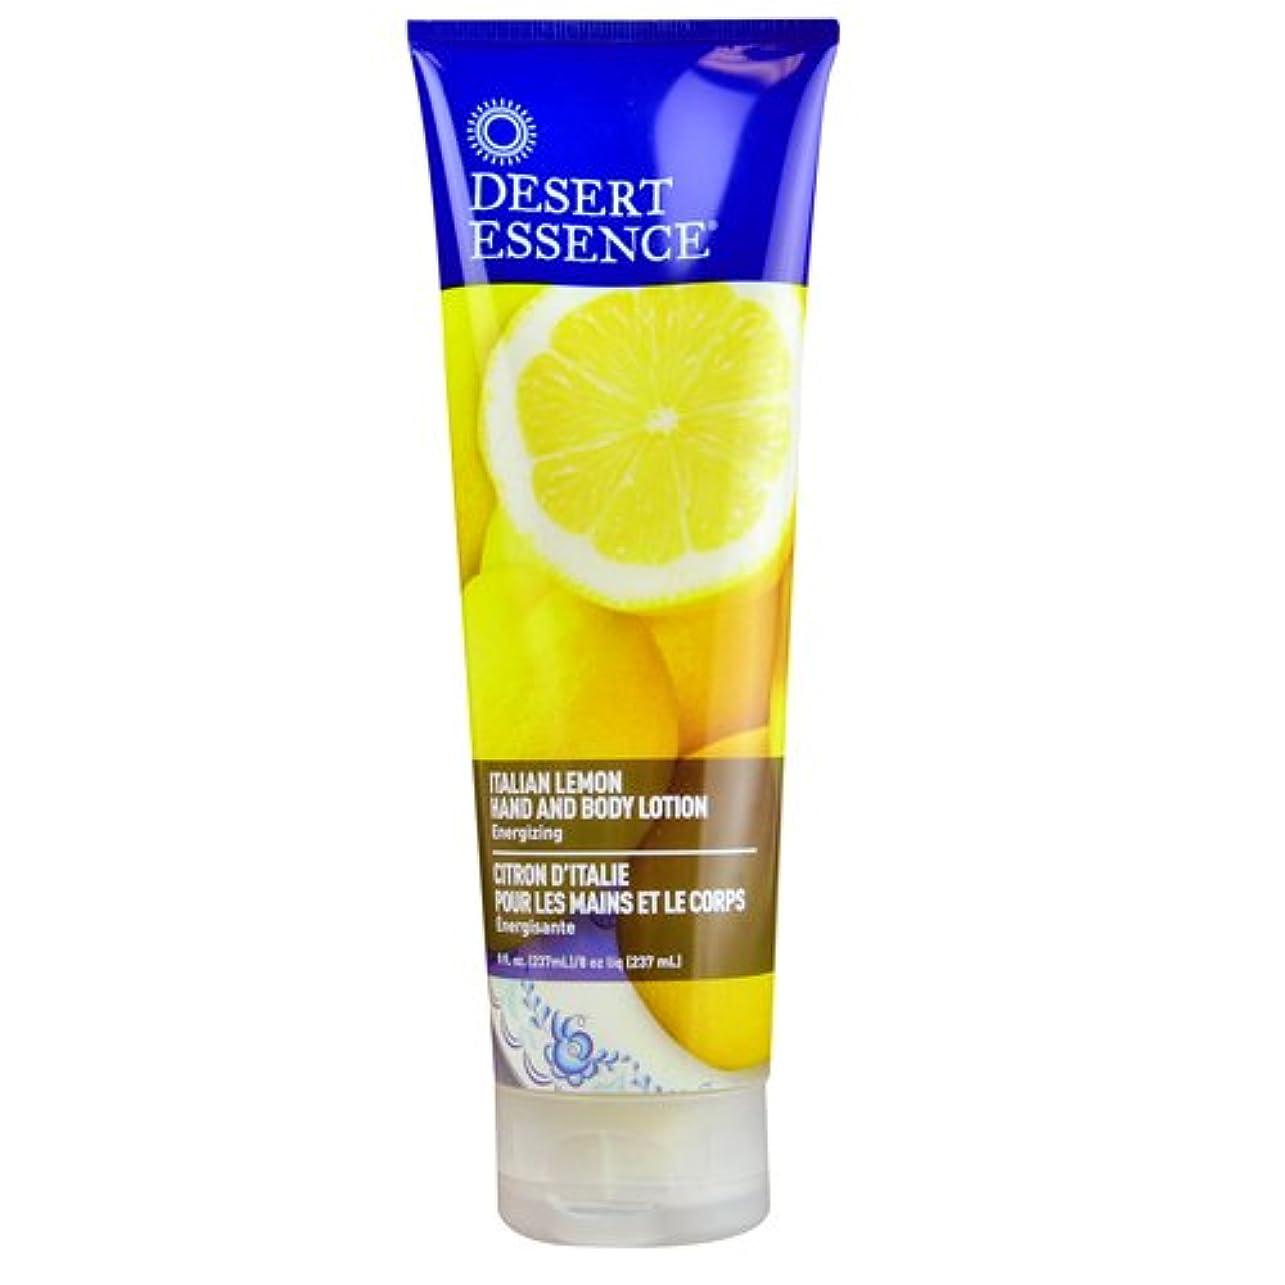 タイムリーな悪性腫瘍システムDesert Essence, Hand and Body Lotion, Italian Lemon, 8 fl oz (237 ml)